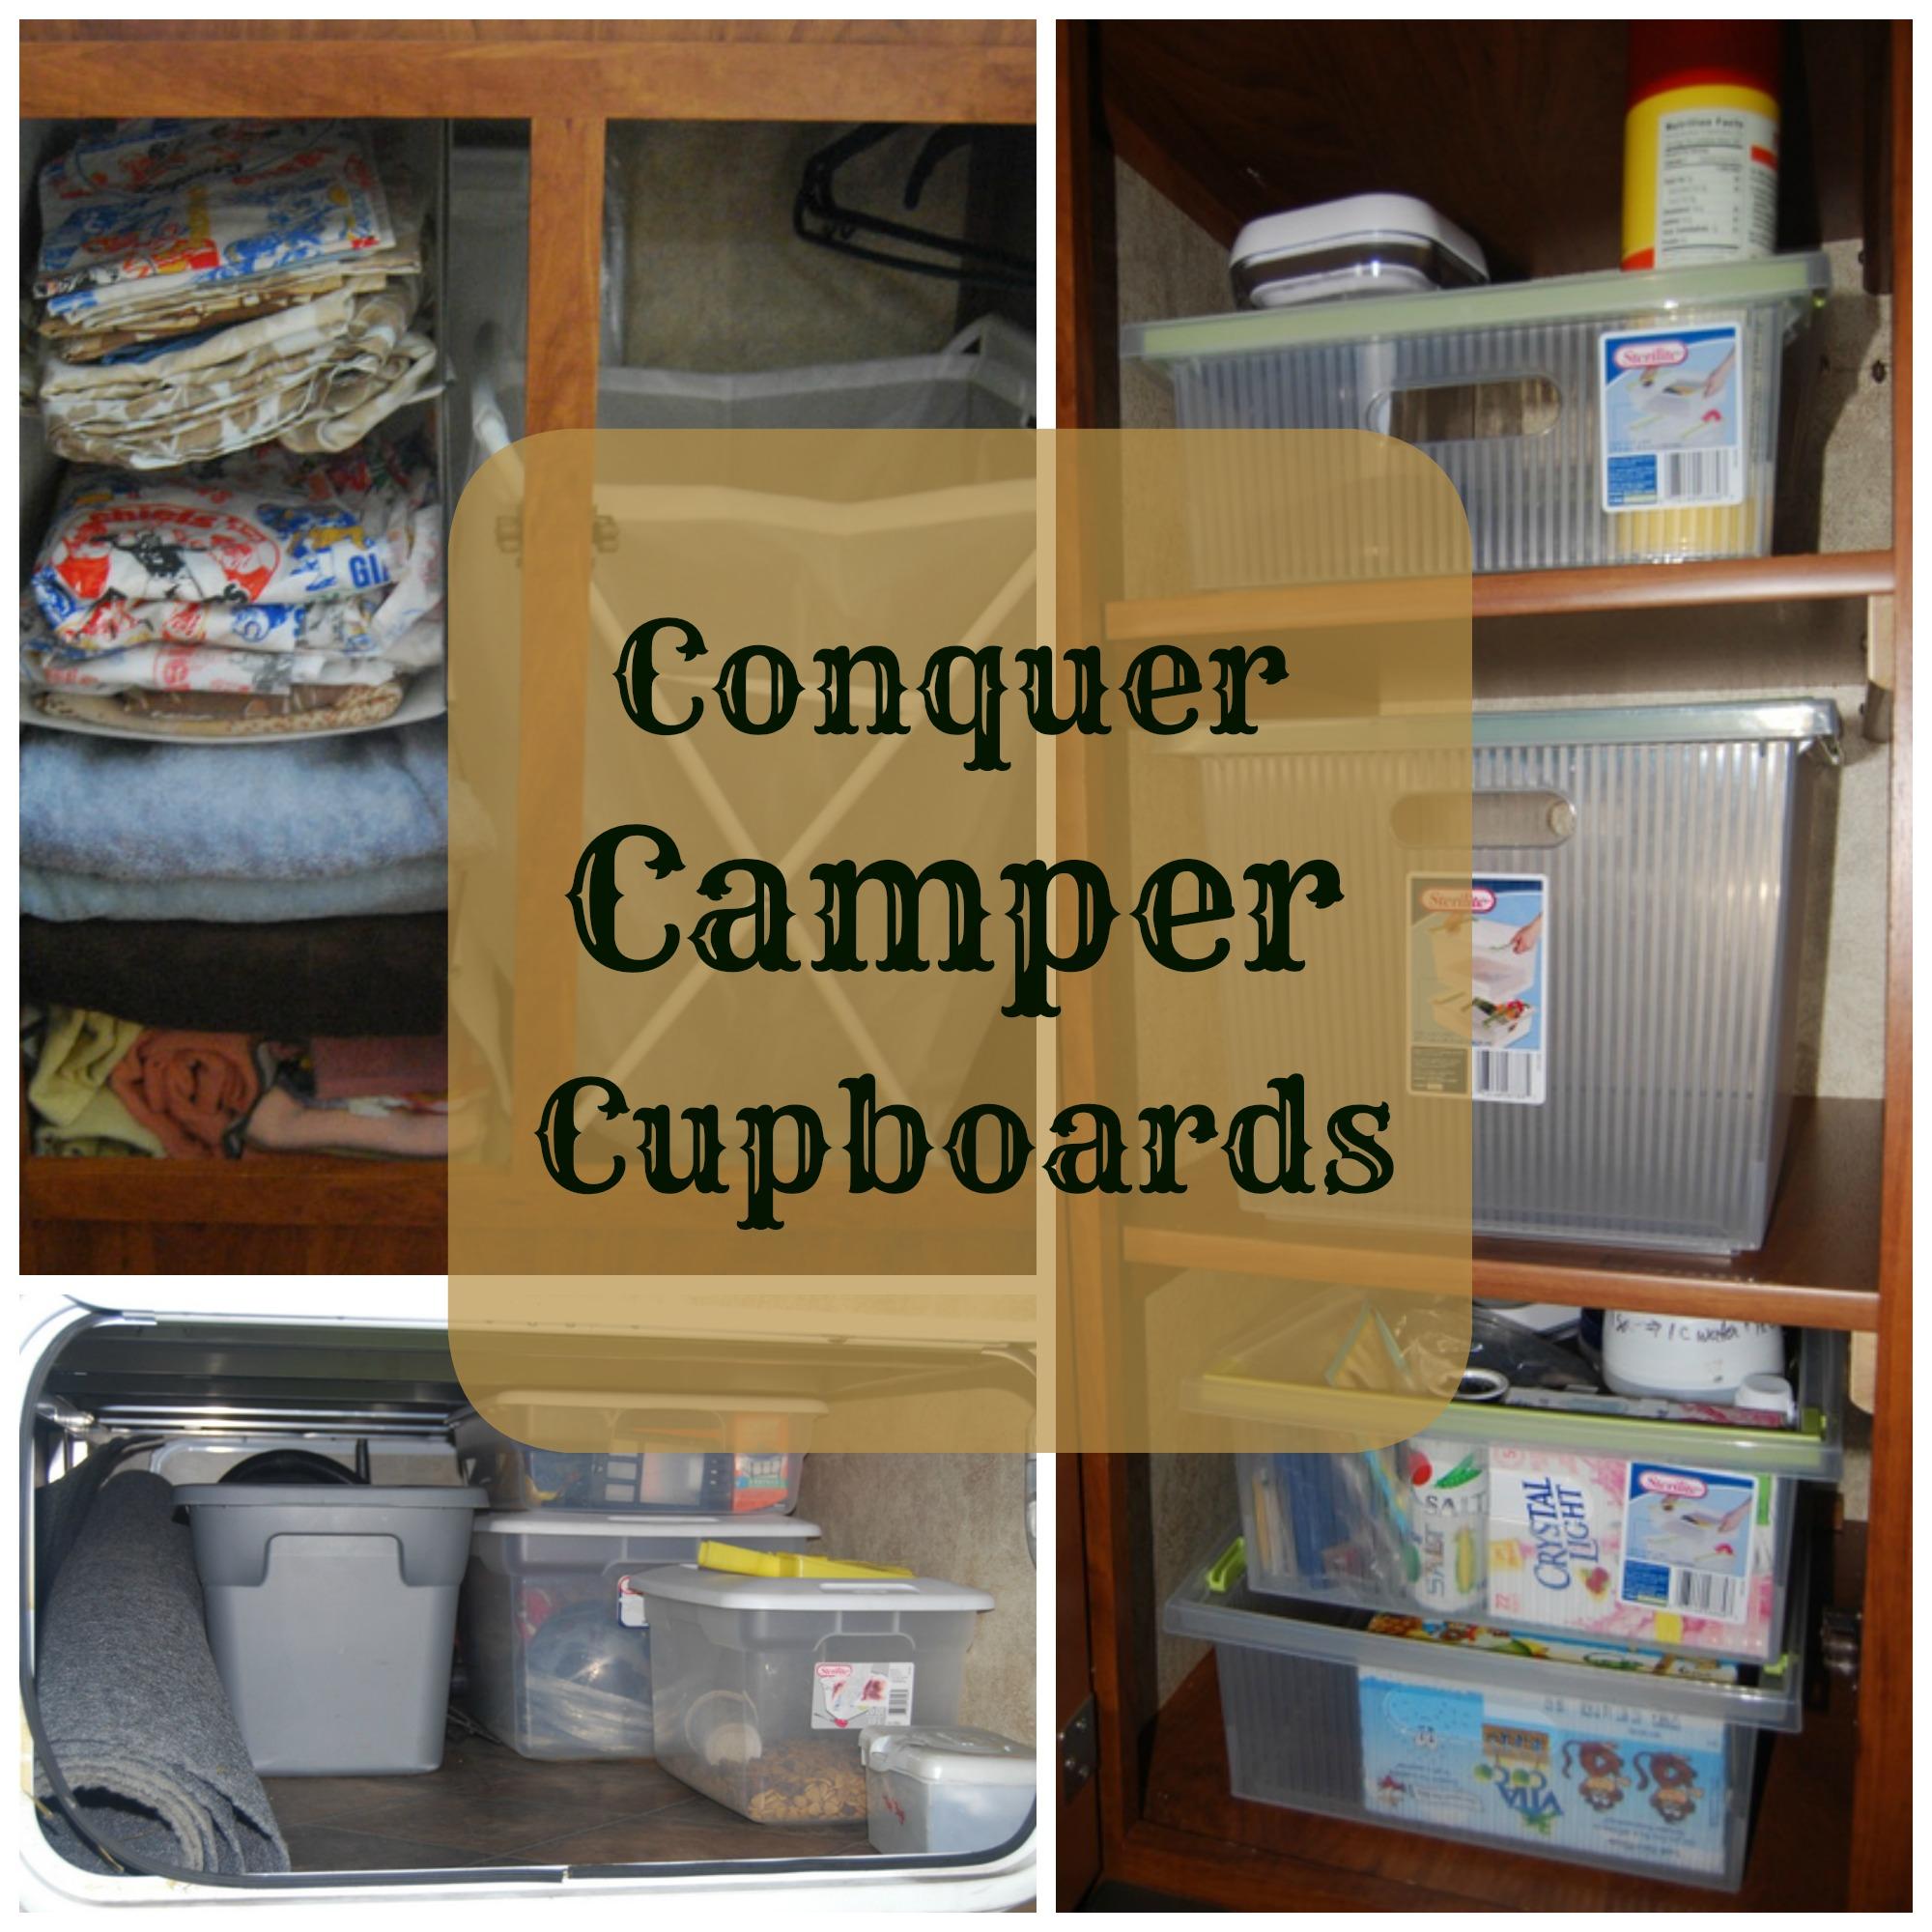 Conquer Camper Cupboards